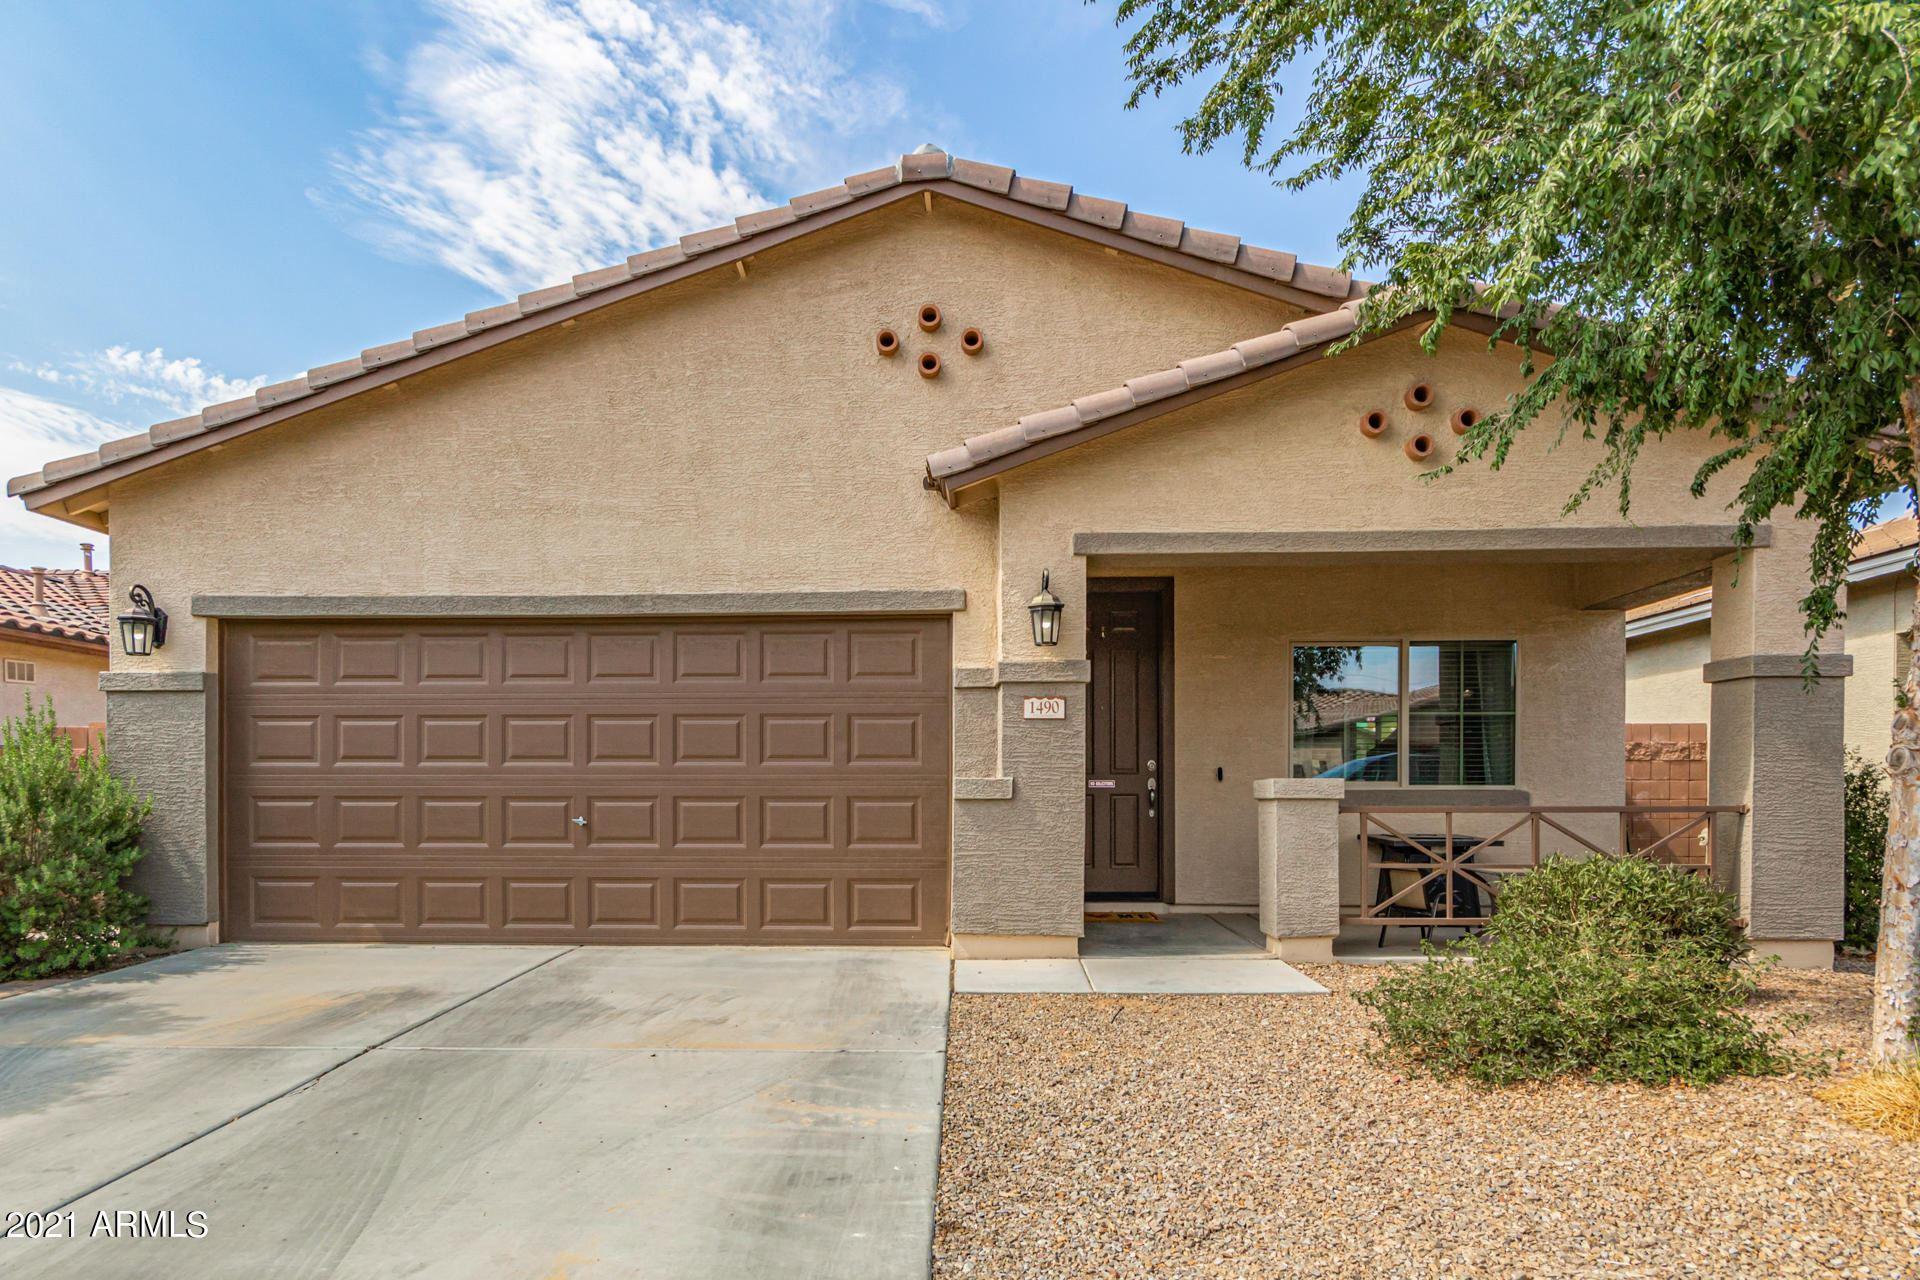 Photo of 1490 W CRAPE Road, Queen Creek, AZ 85140 (MLS # 6268420)